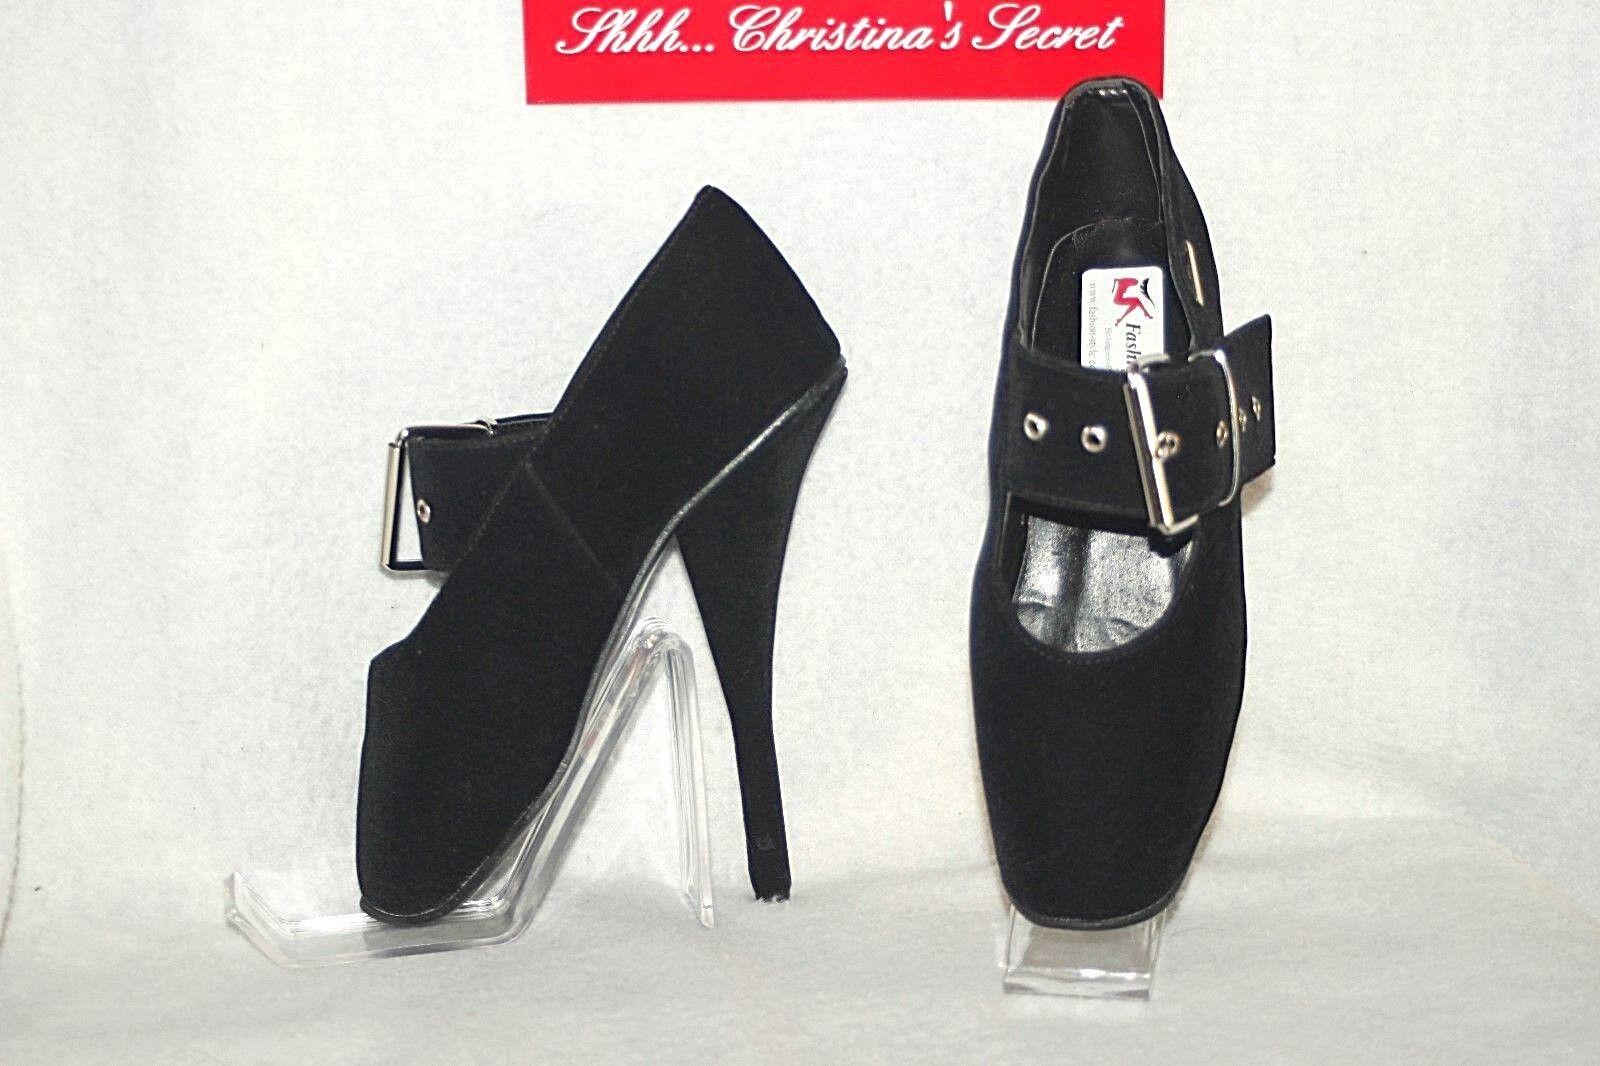 tutto in alta qualità e prezzo basso FASHION FASHION FASHION STYLE Bolingier Poland nero Ballet Pointe Toe Exotic scarpe Heels Sz 38  prendiamo i clienti come nostro dio